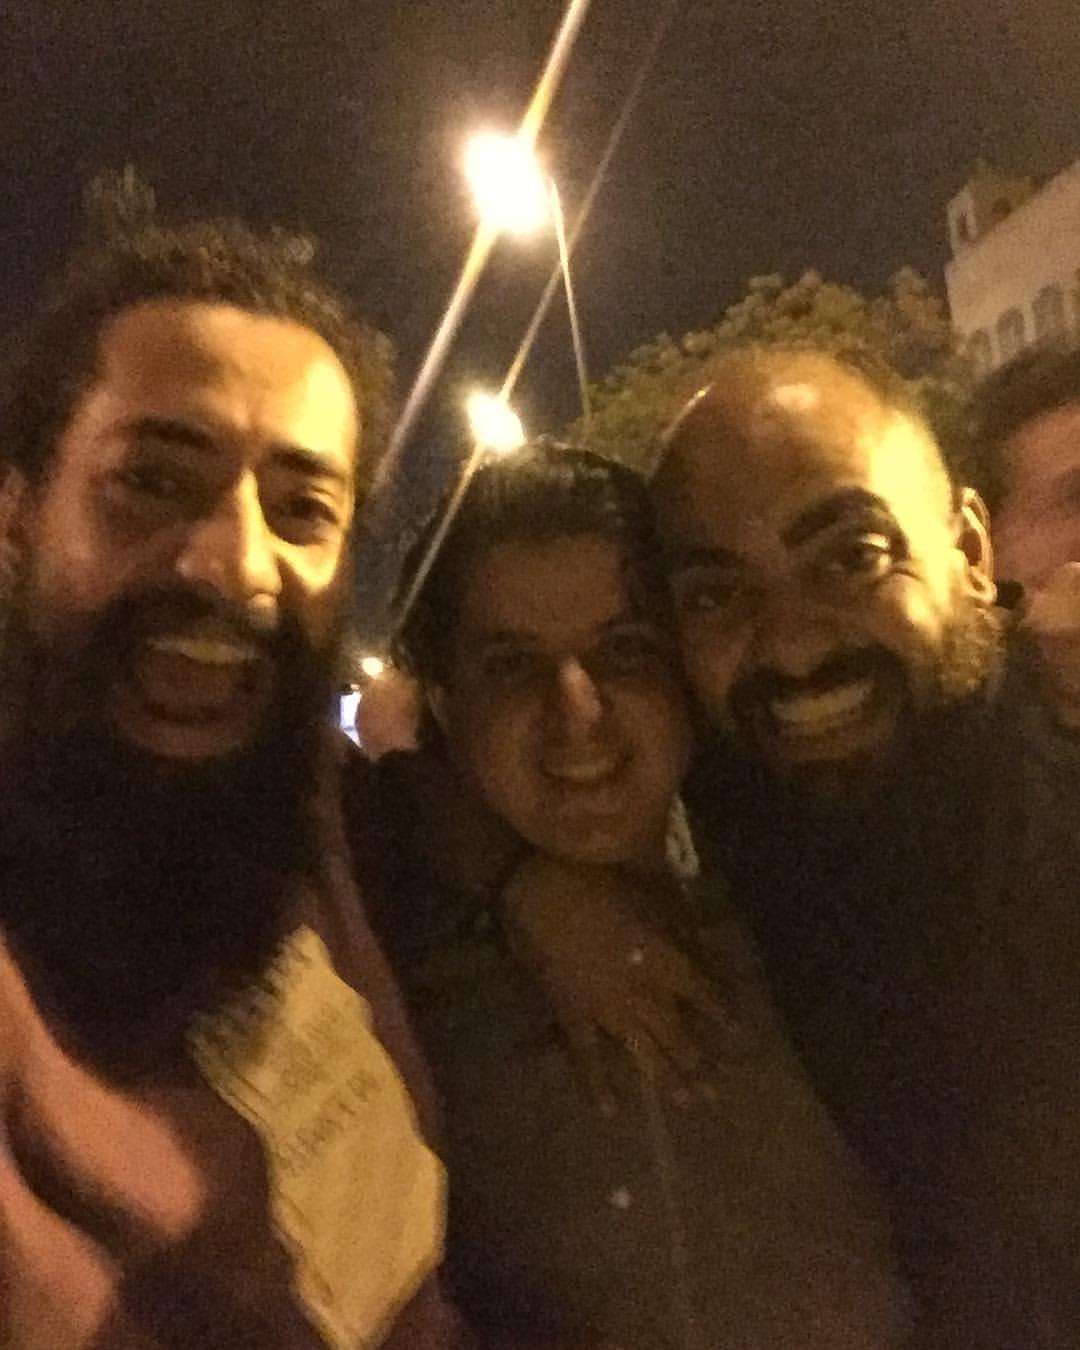 عمر مالك مع اصدقائه